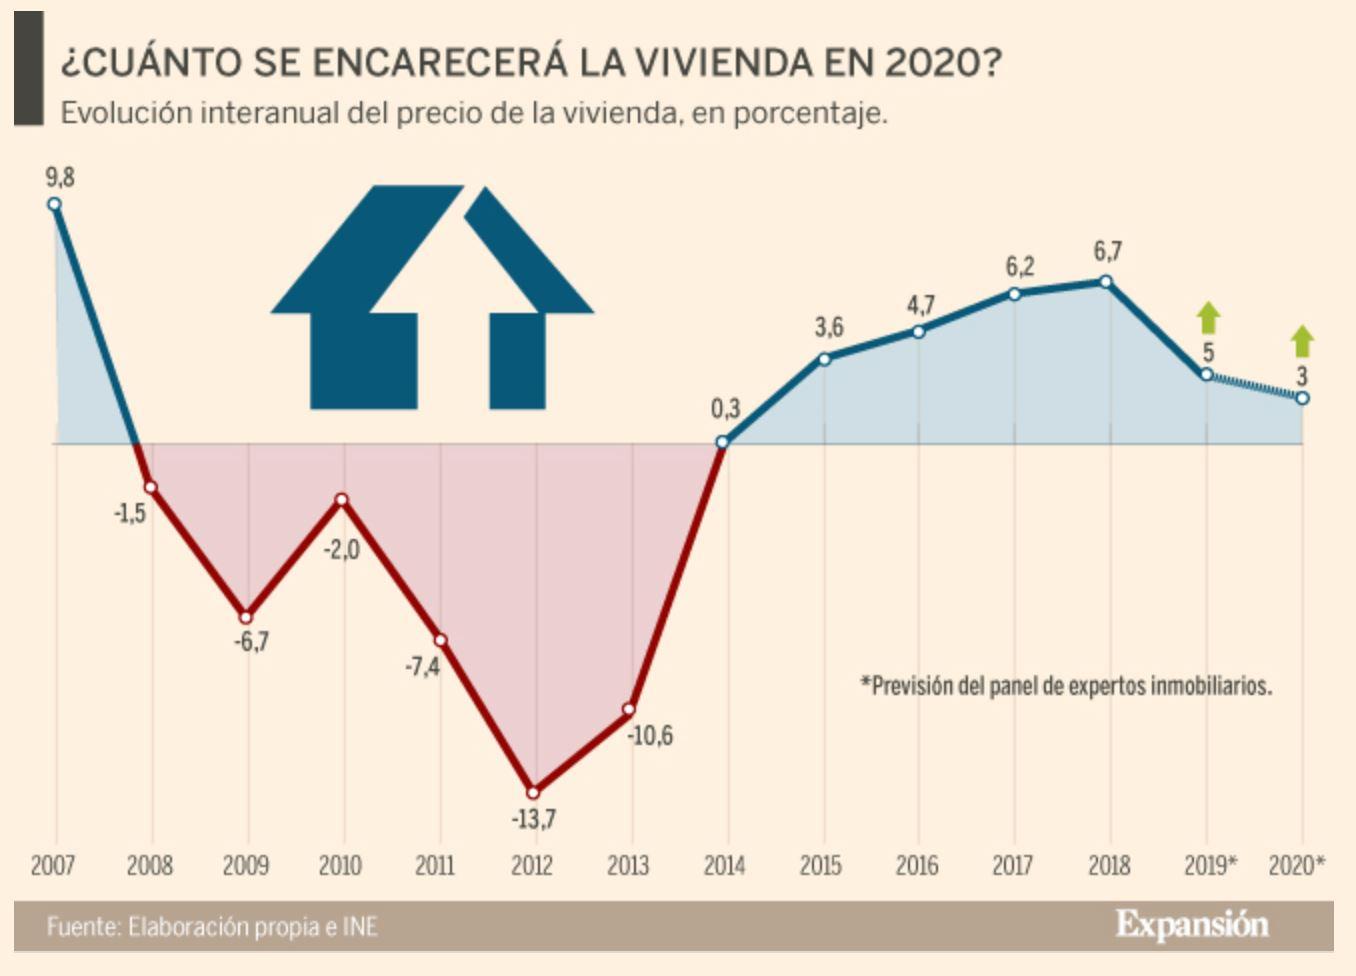 Cómo se comportará la vivienda en 2020